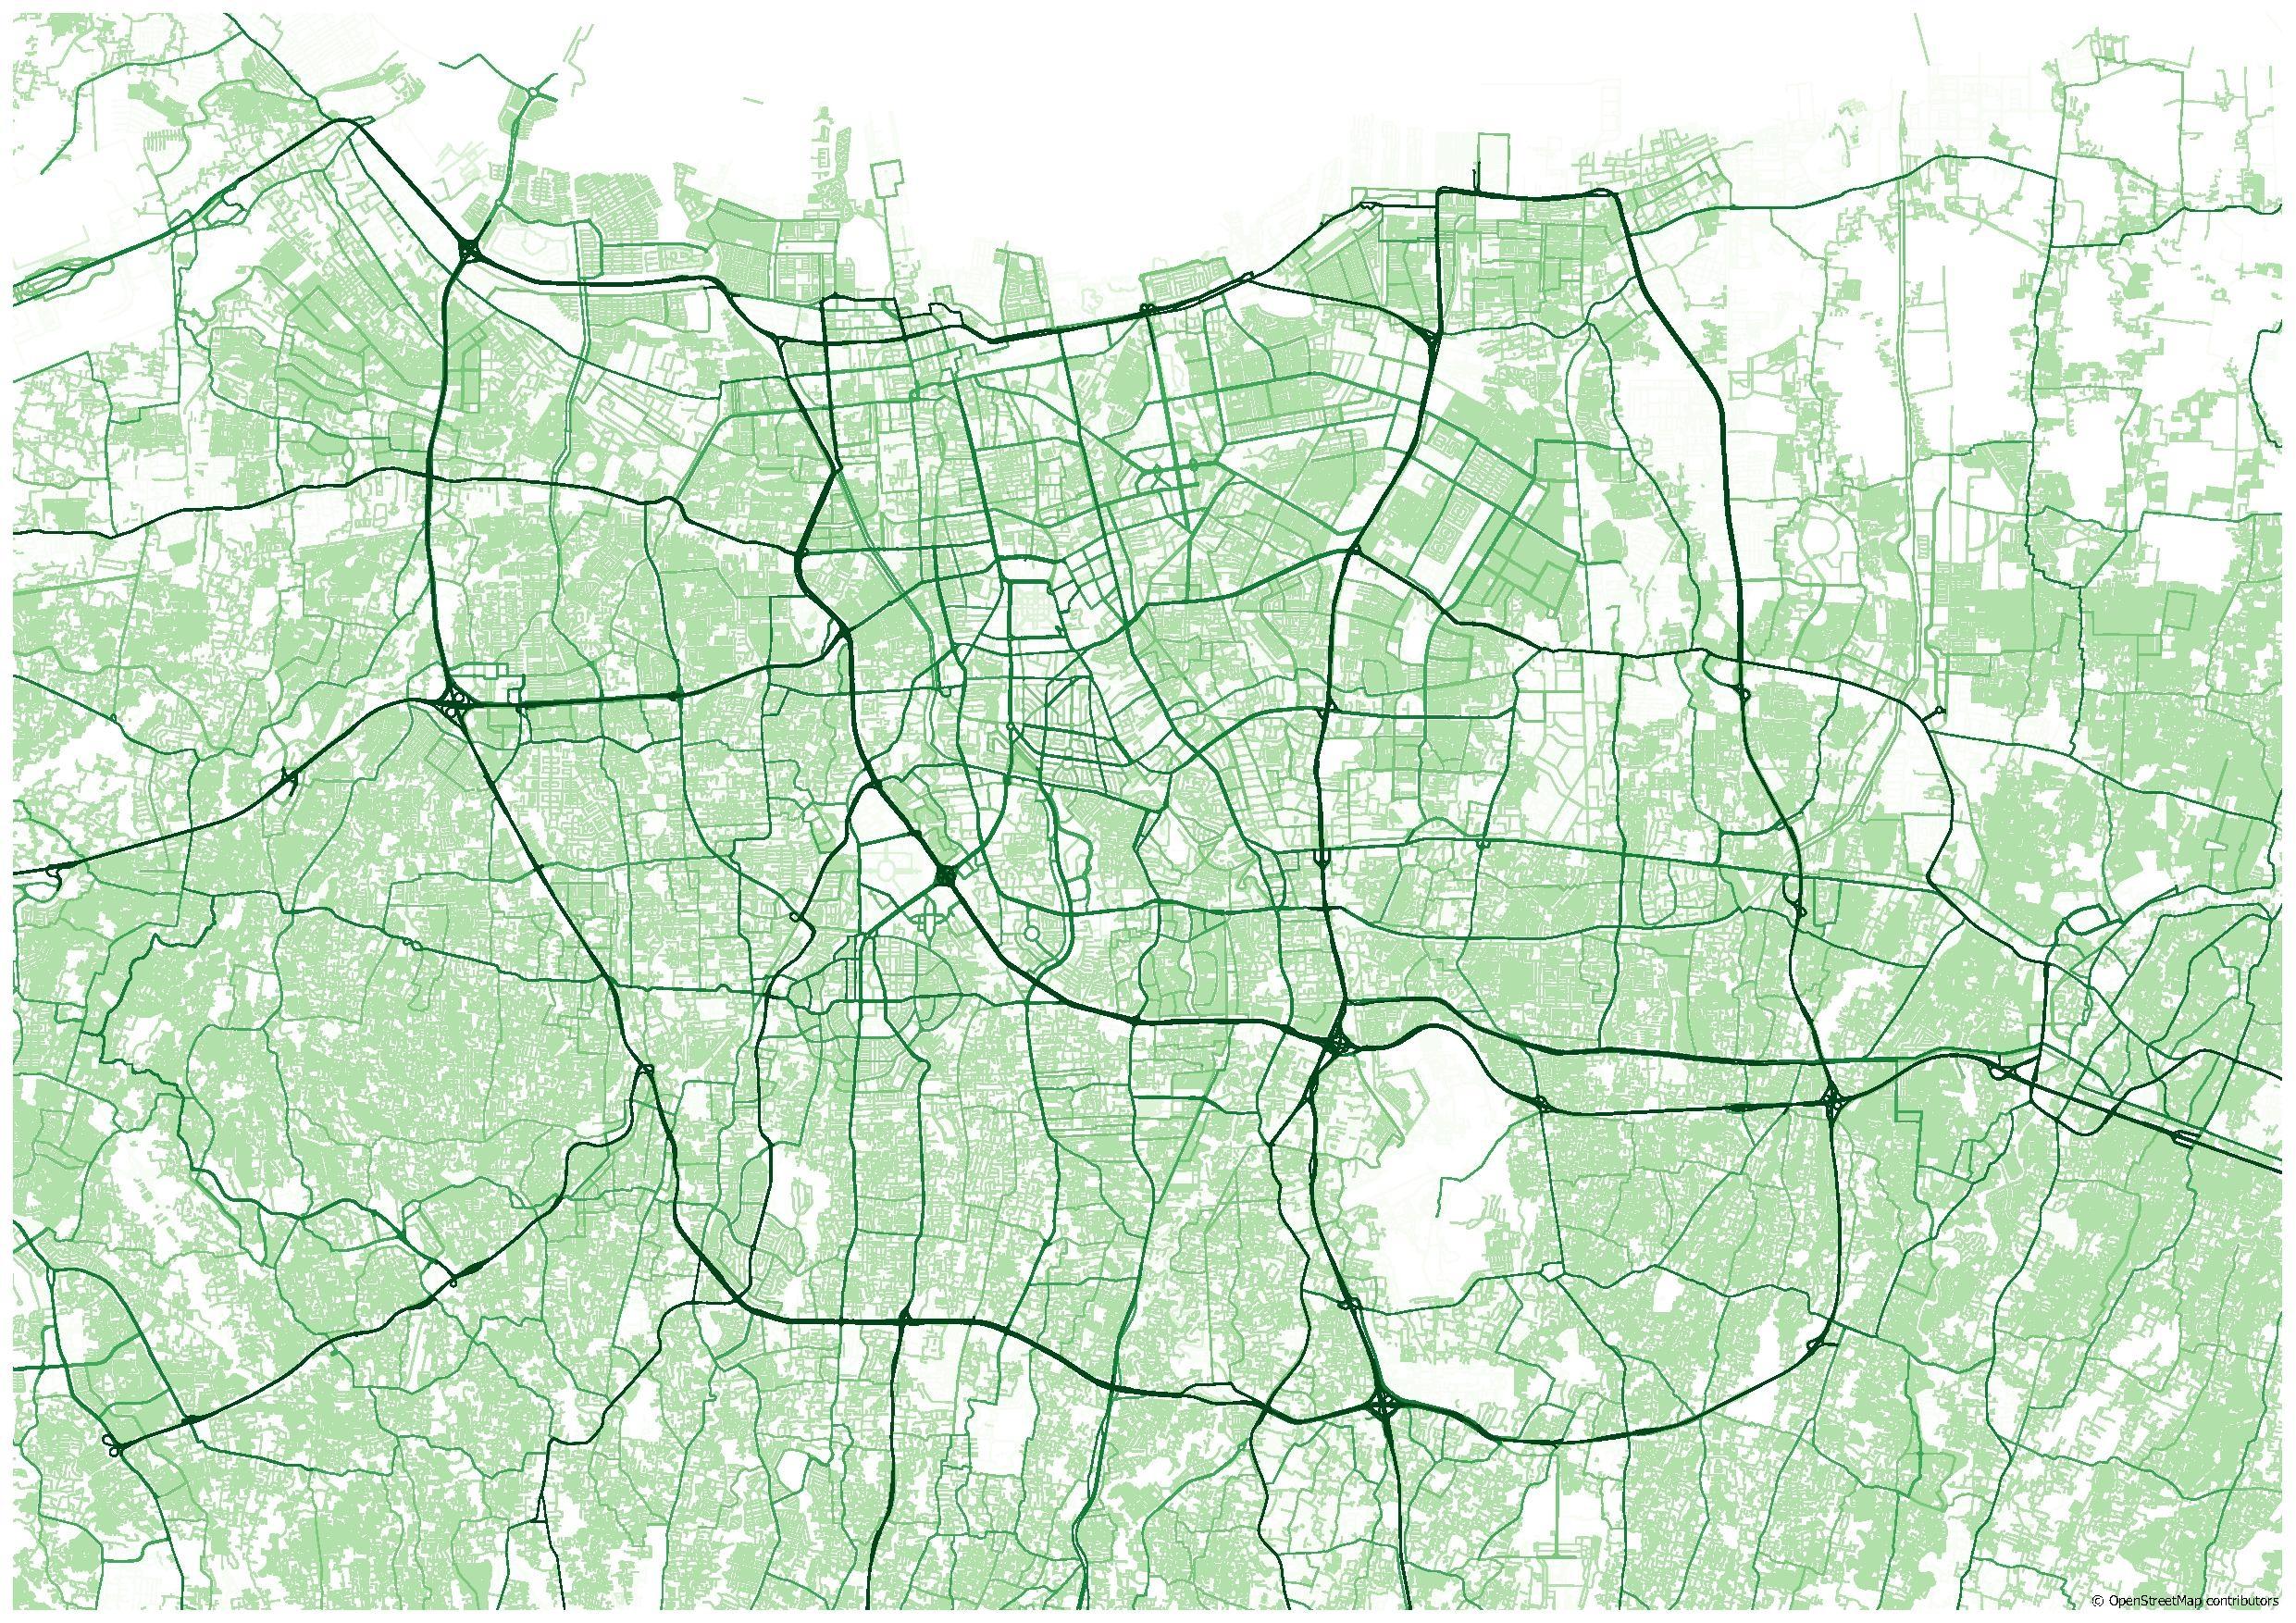 File:Jakarta.pdf - OpenStreetMap Wiki